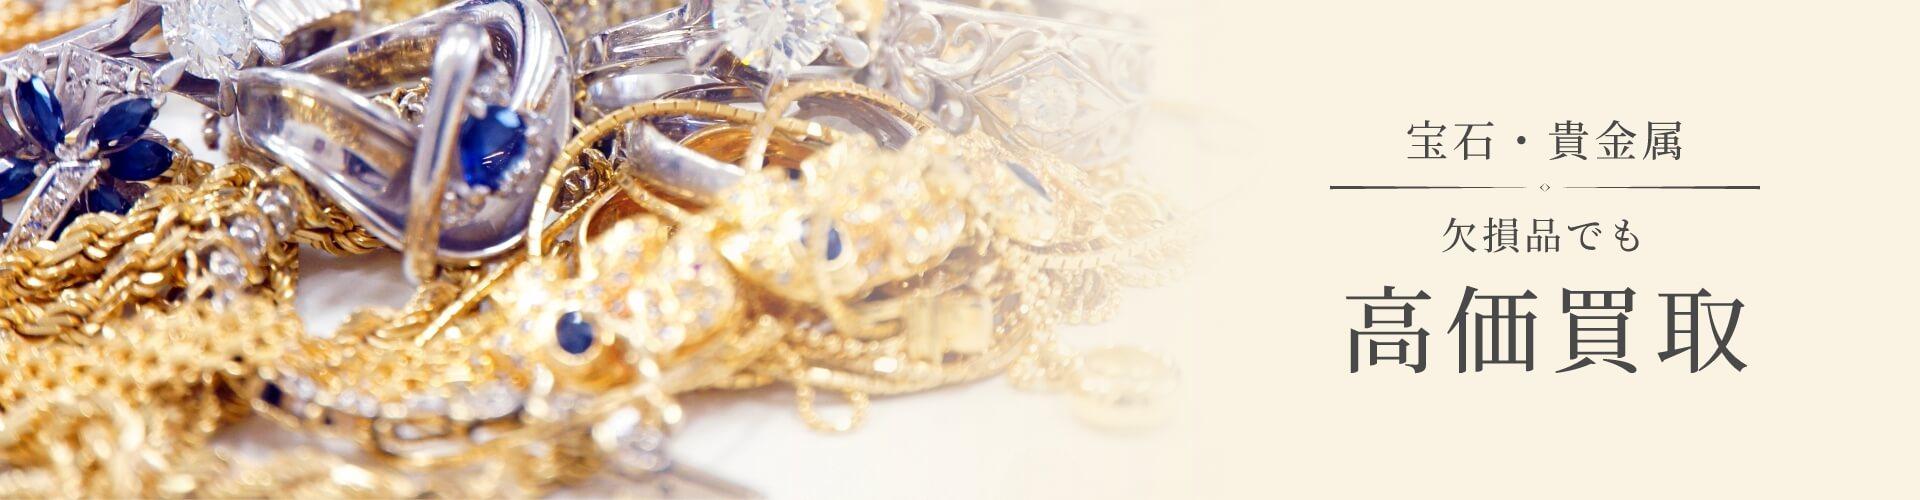 宝石・貴金属欠陥品でも高額買取